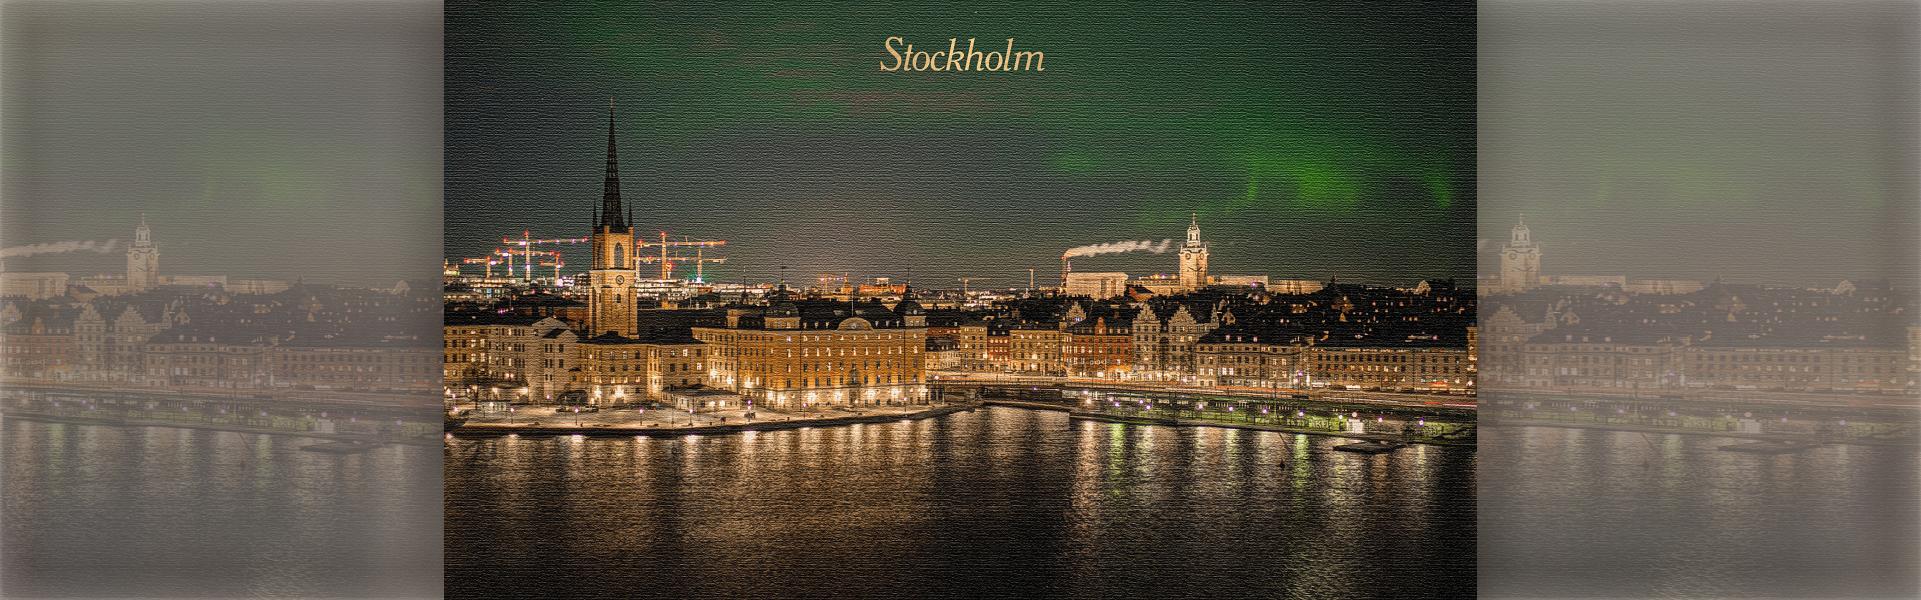 Stockholm_Sweden 6 редакция 1